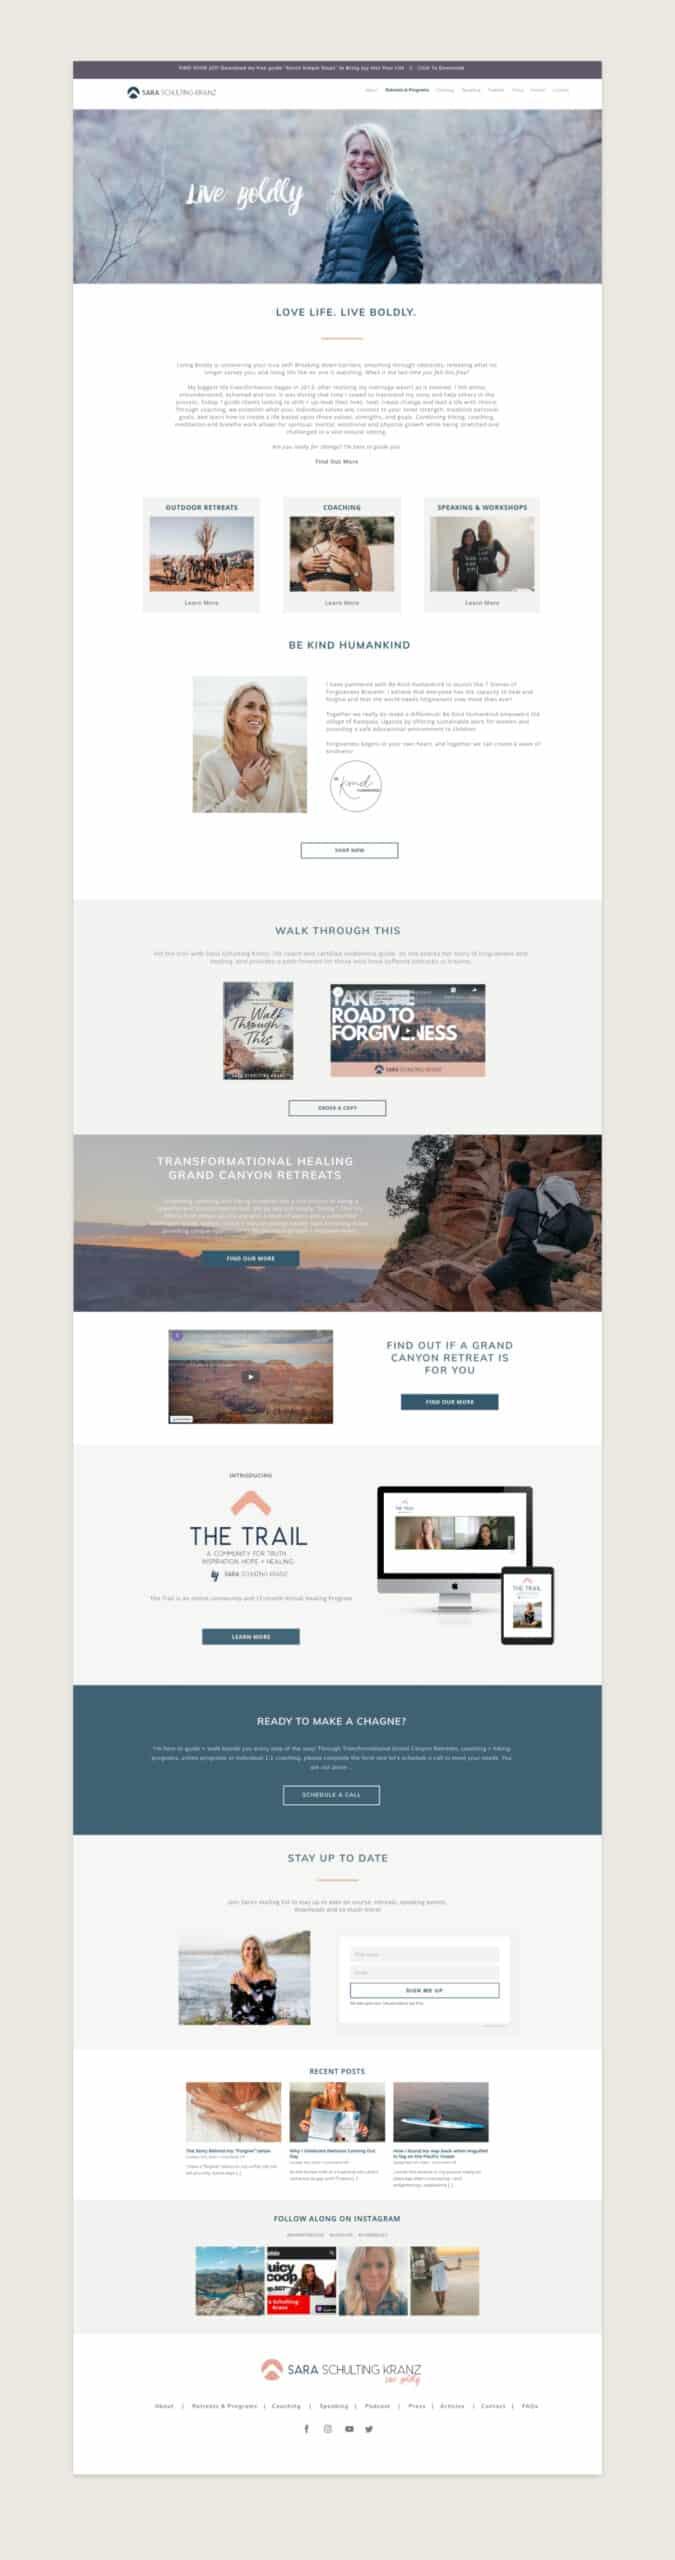 Sara_Schulting_Kranz_Website_Design_By_Stellen_Design_Branding_Agency